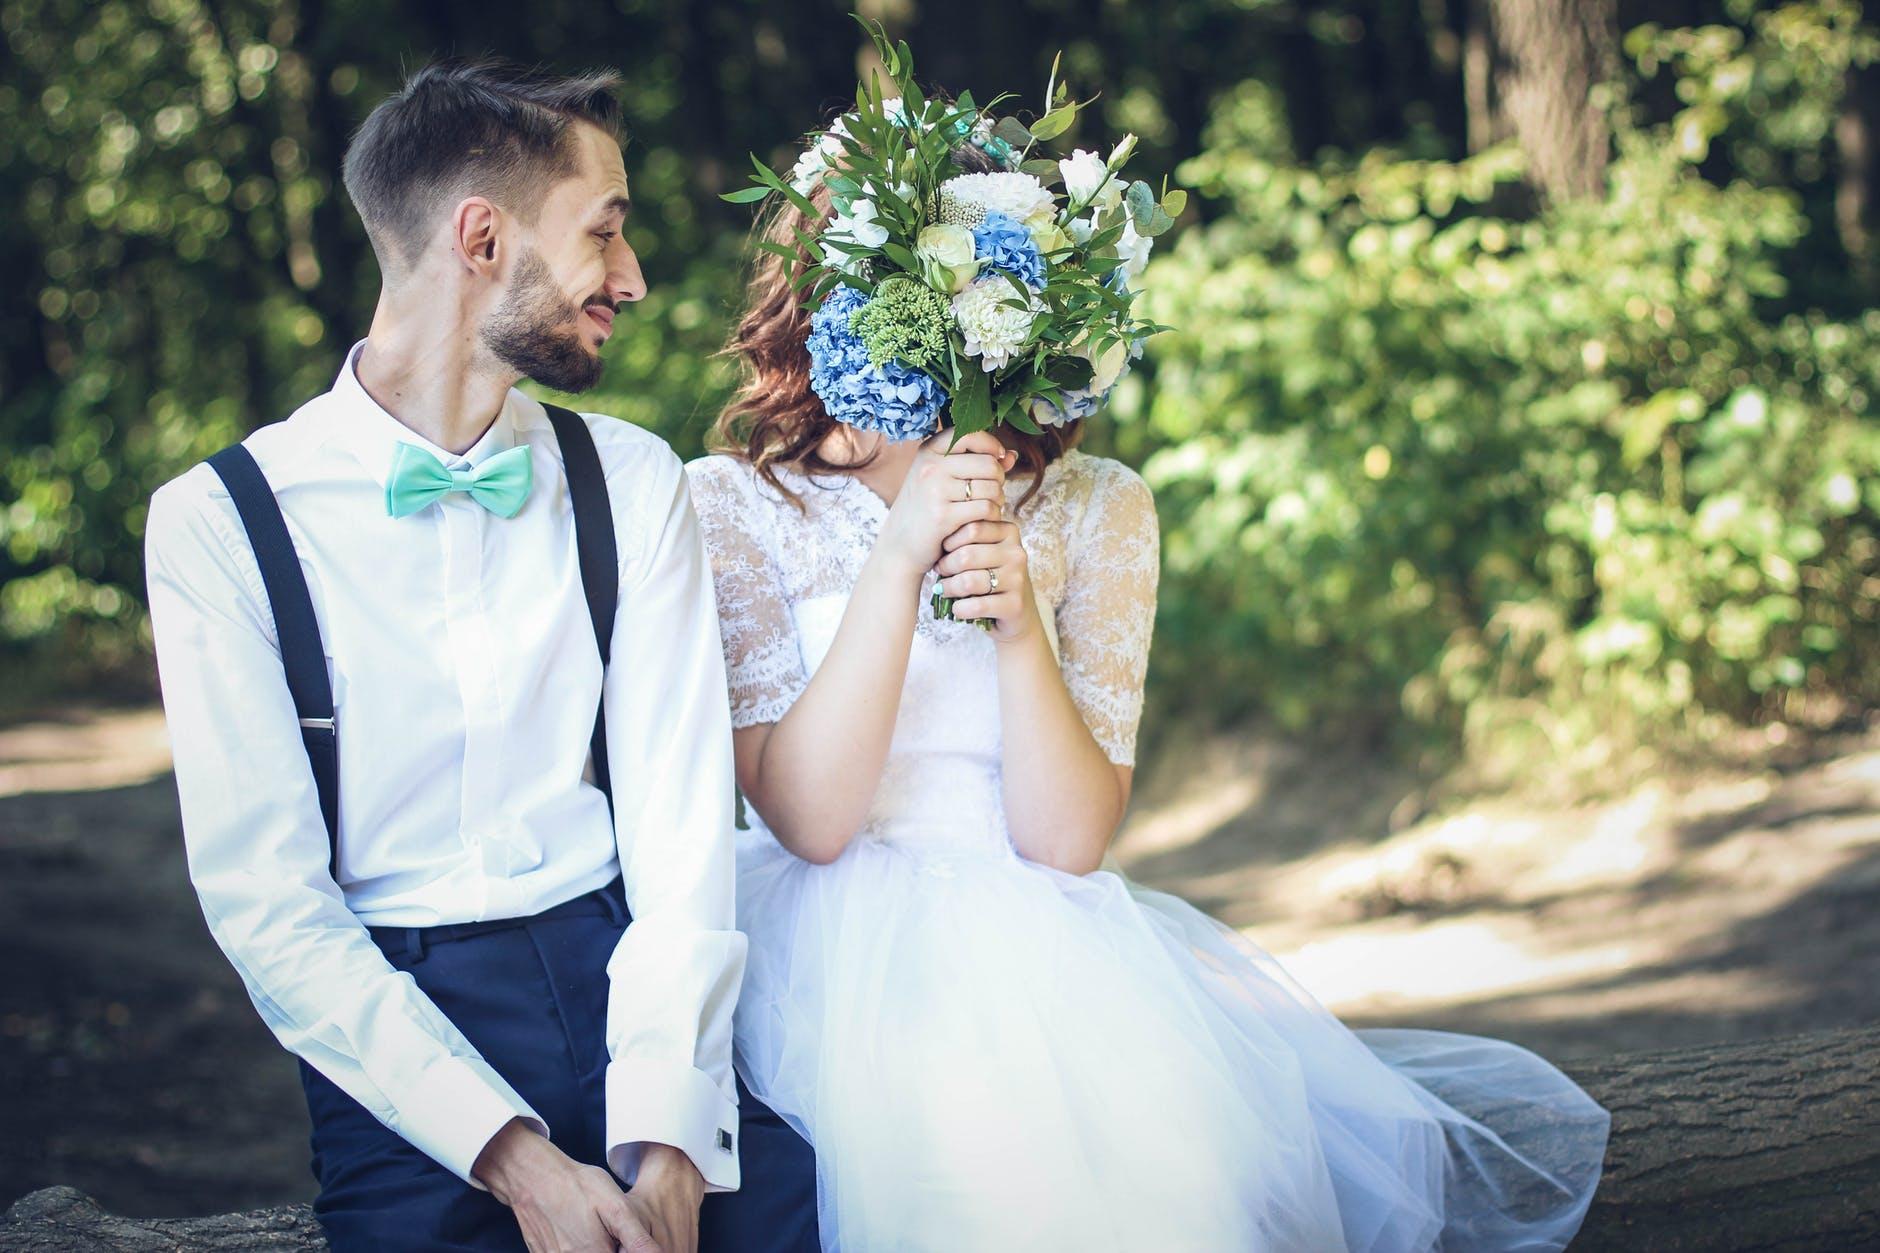 Düğün Sürecinde Damat Tarafının Yapması Gerekenler